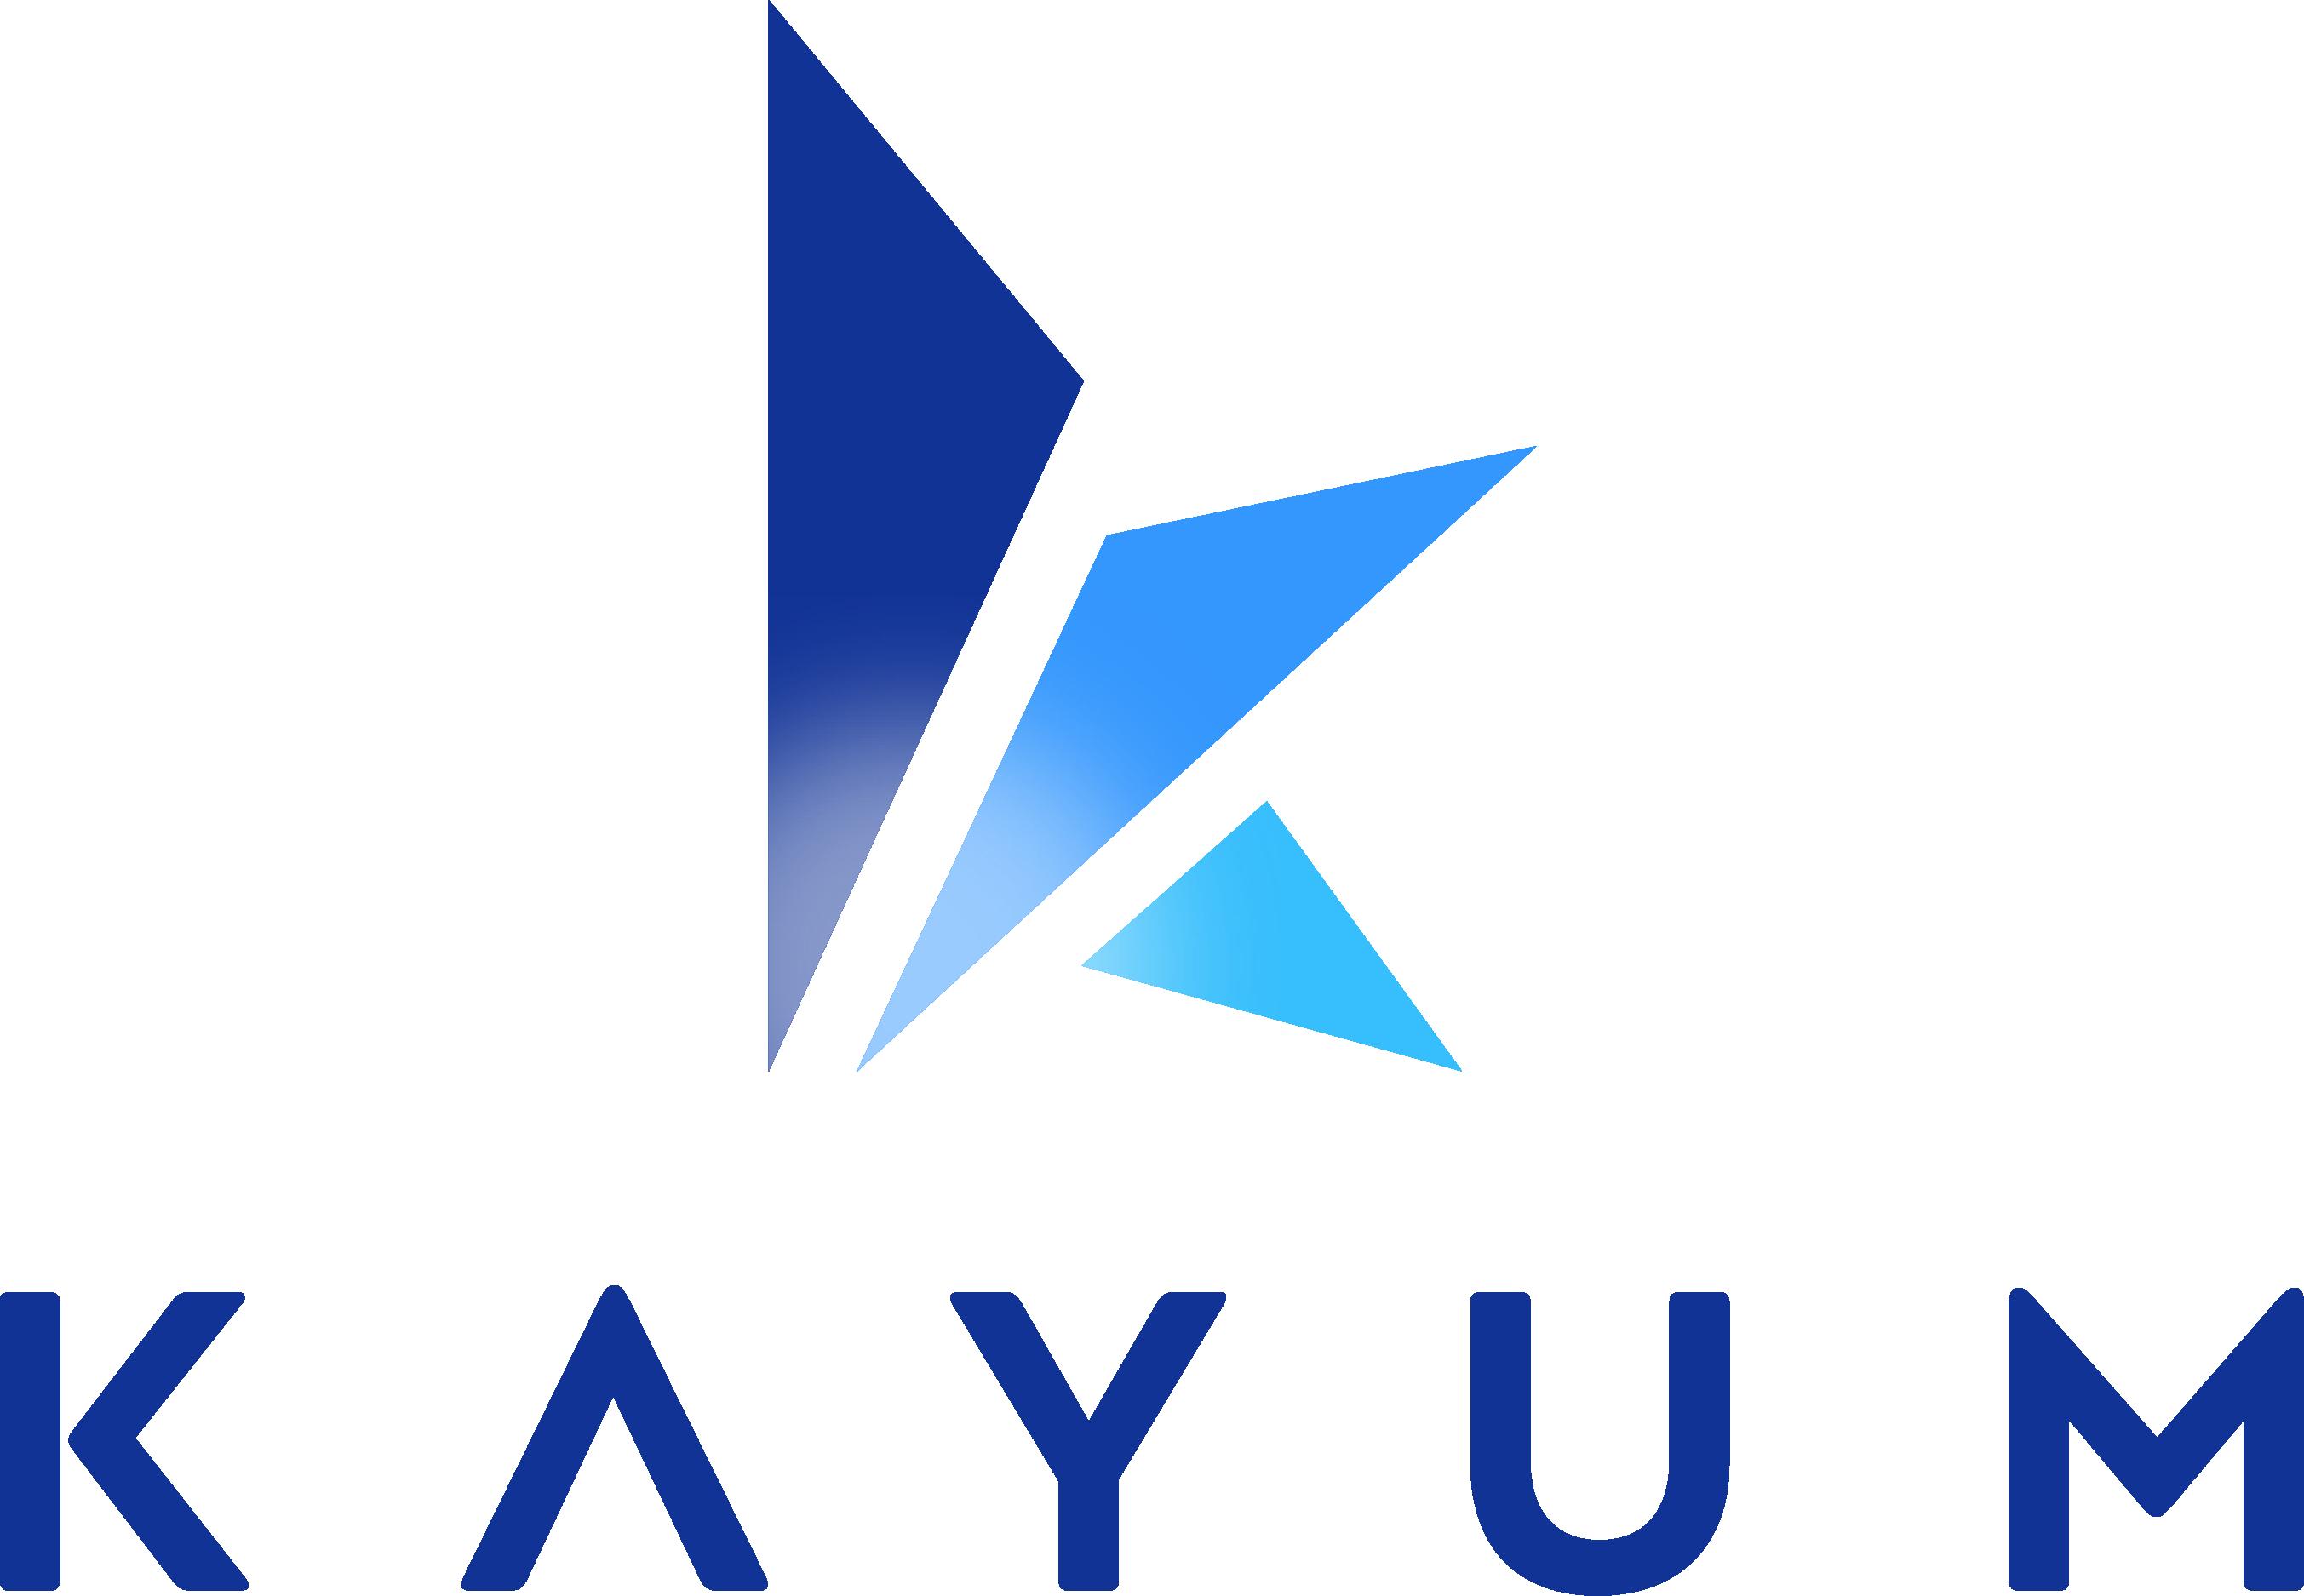 Kayum